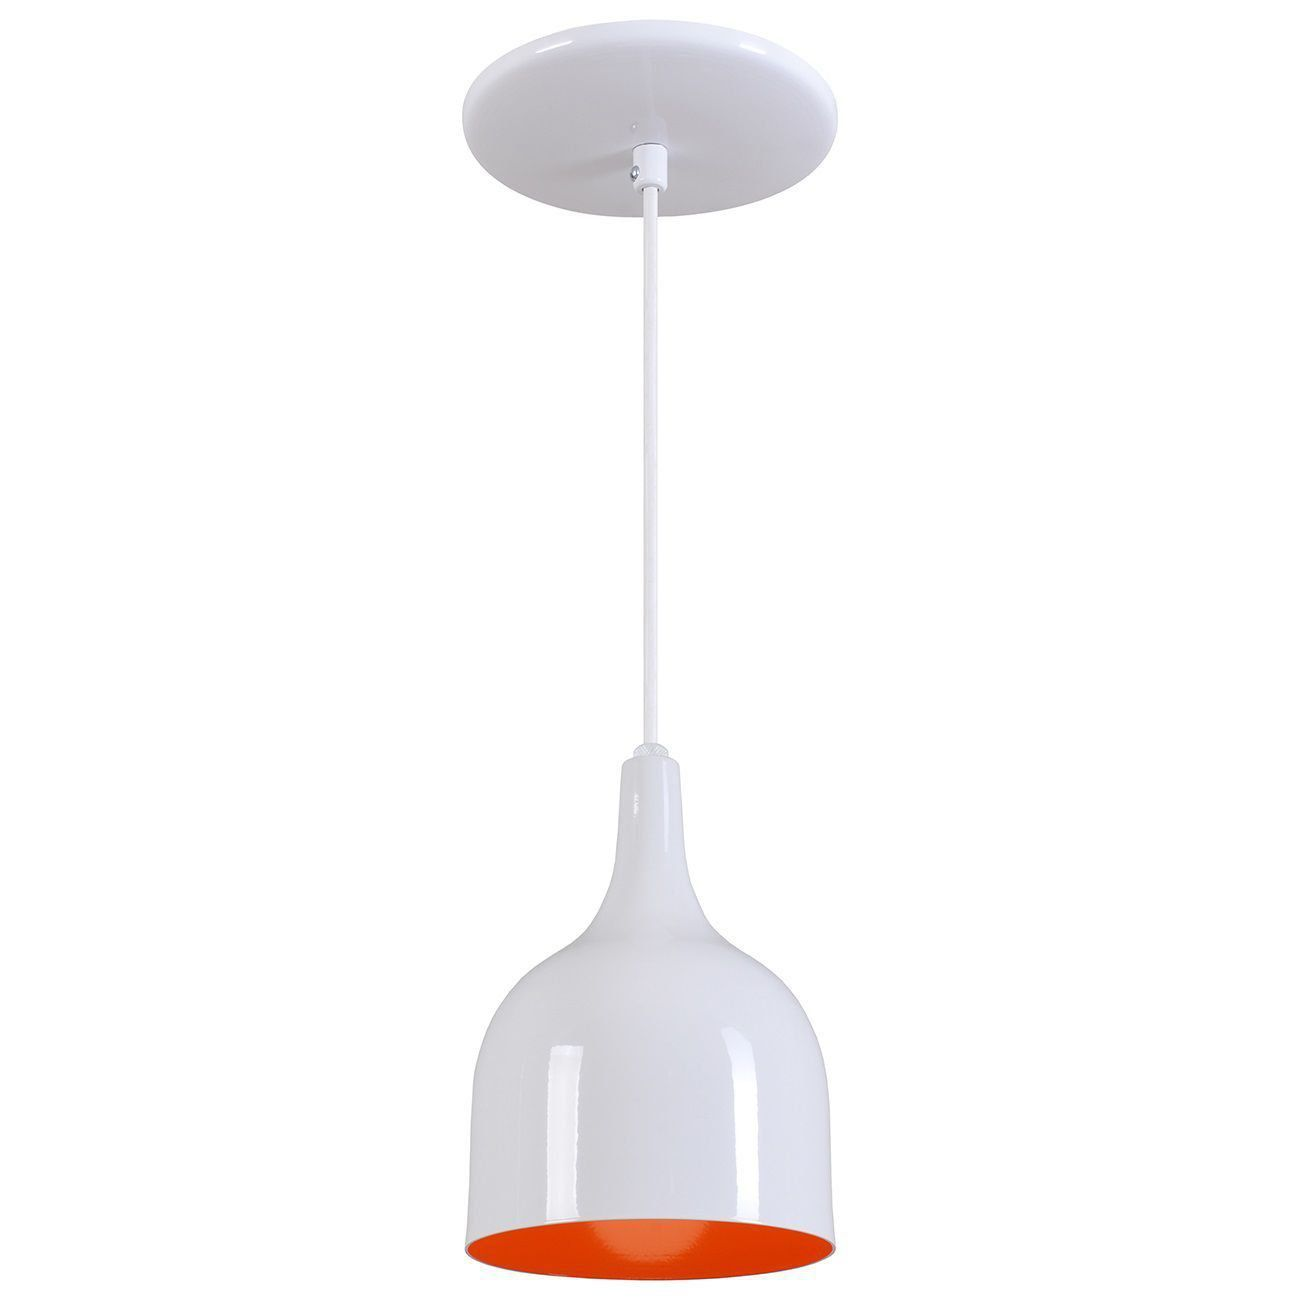 Pendente Gota Teat Luminária Lustre Alumínio Branco Brilhante C/ Laranja - Rei Da Iluminação